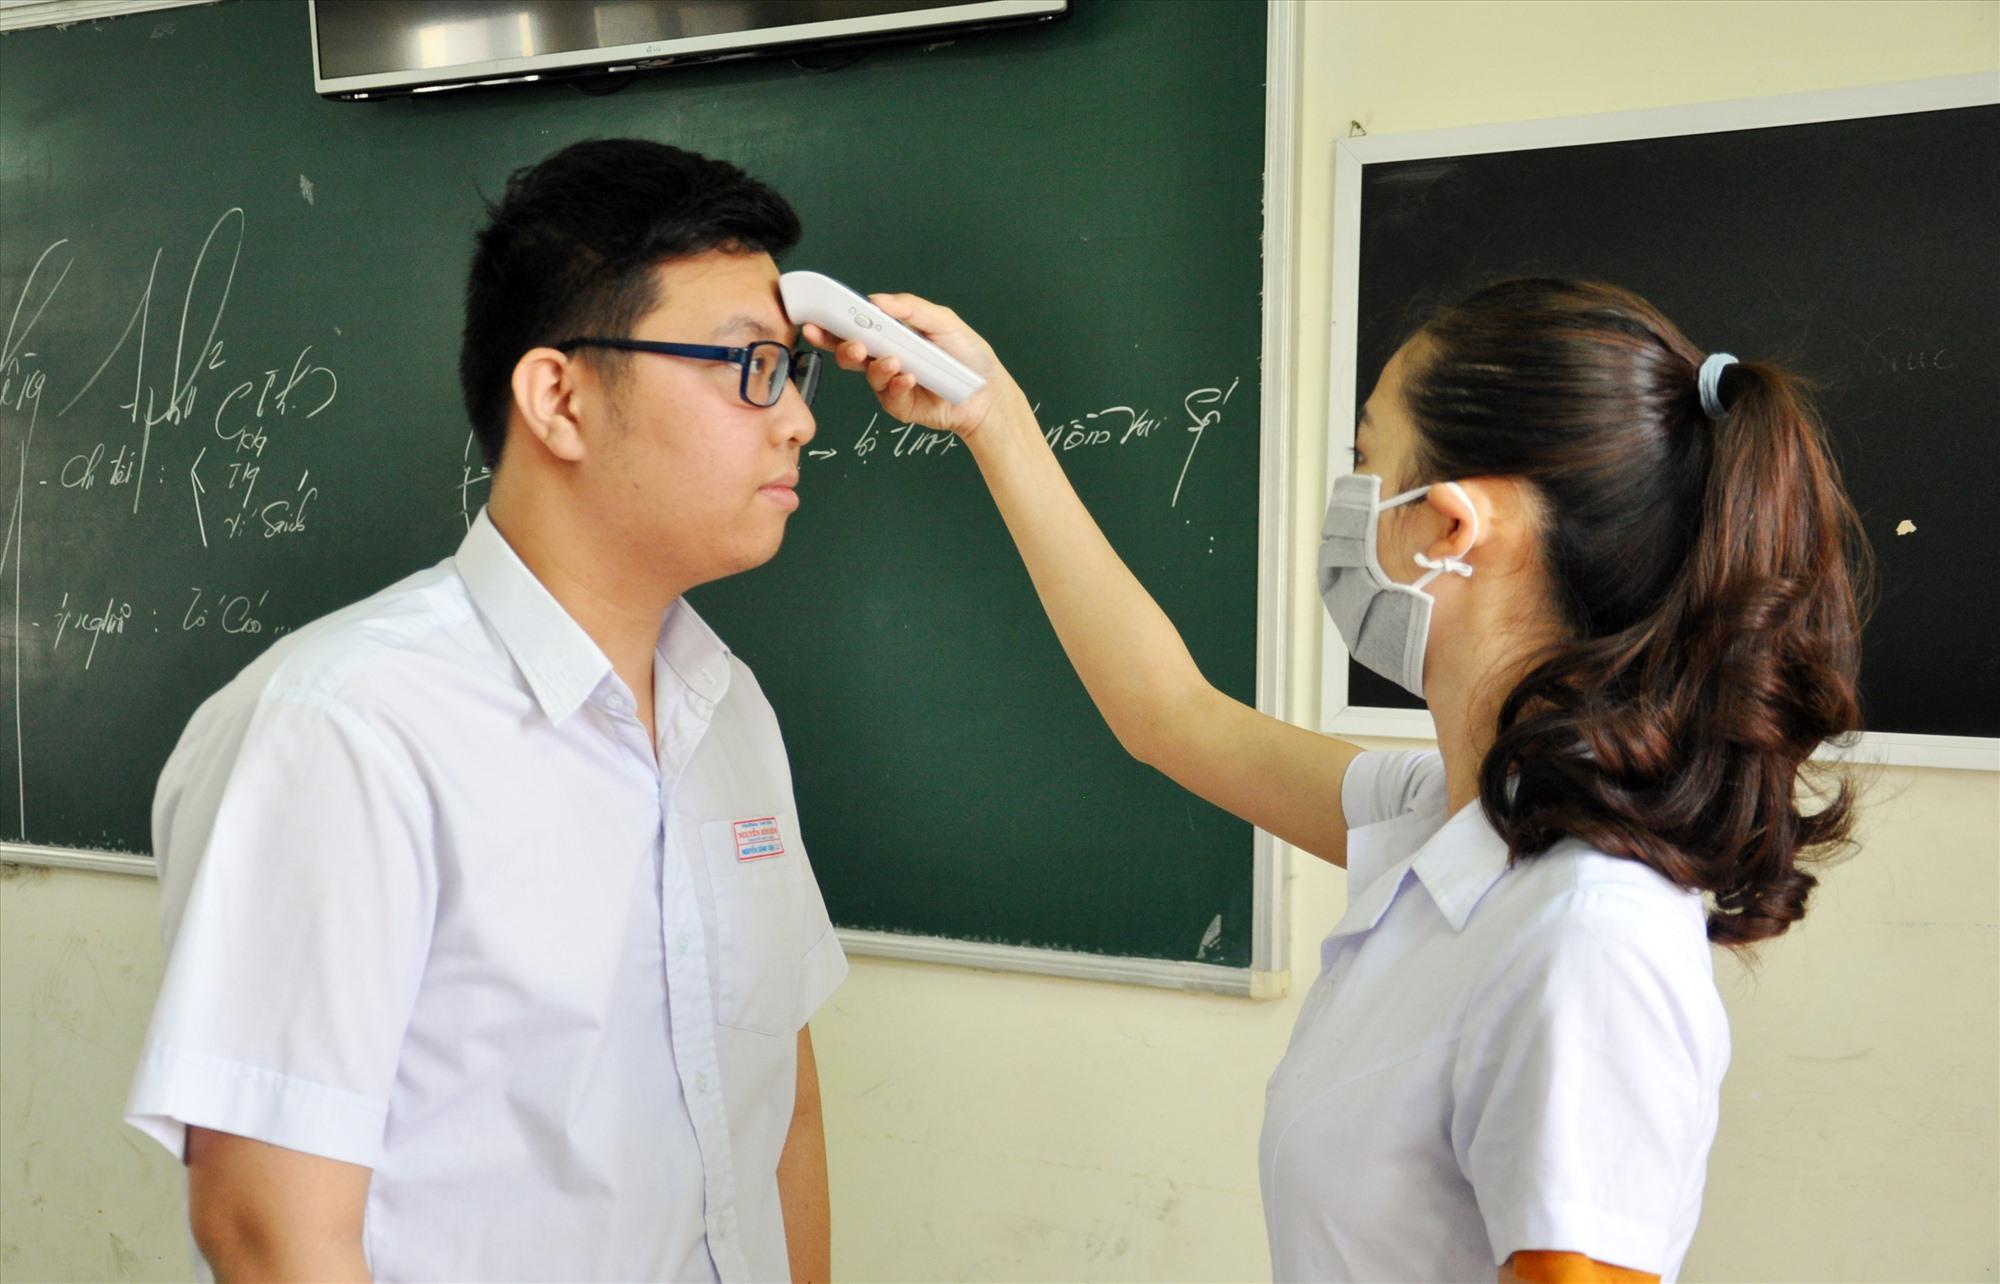 Kiểm tra thân nhiệt HS tại Trường THPT chuyên Nguyễn Bỉnh Khiêm. Ảnh: X.P